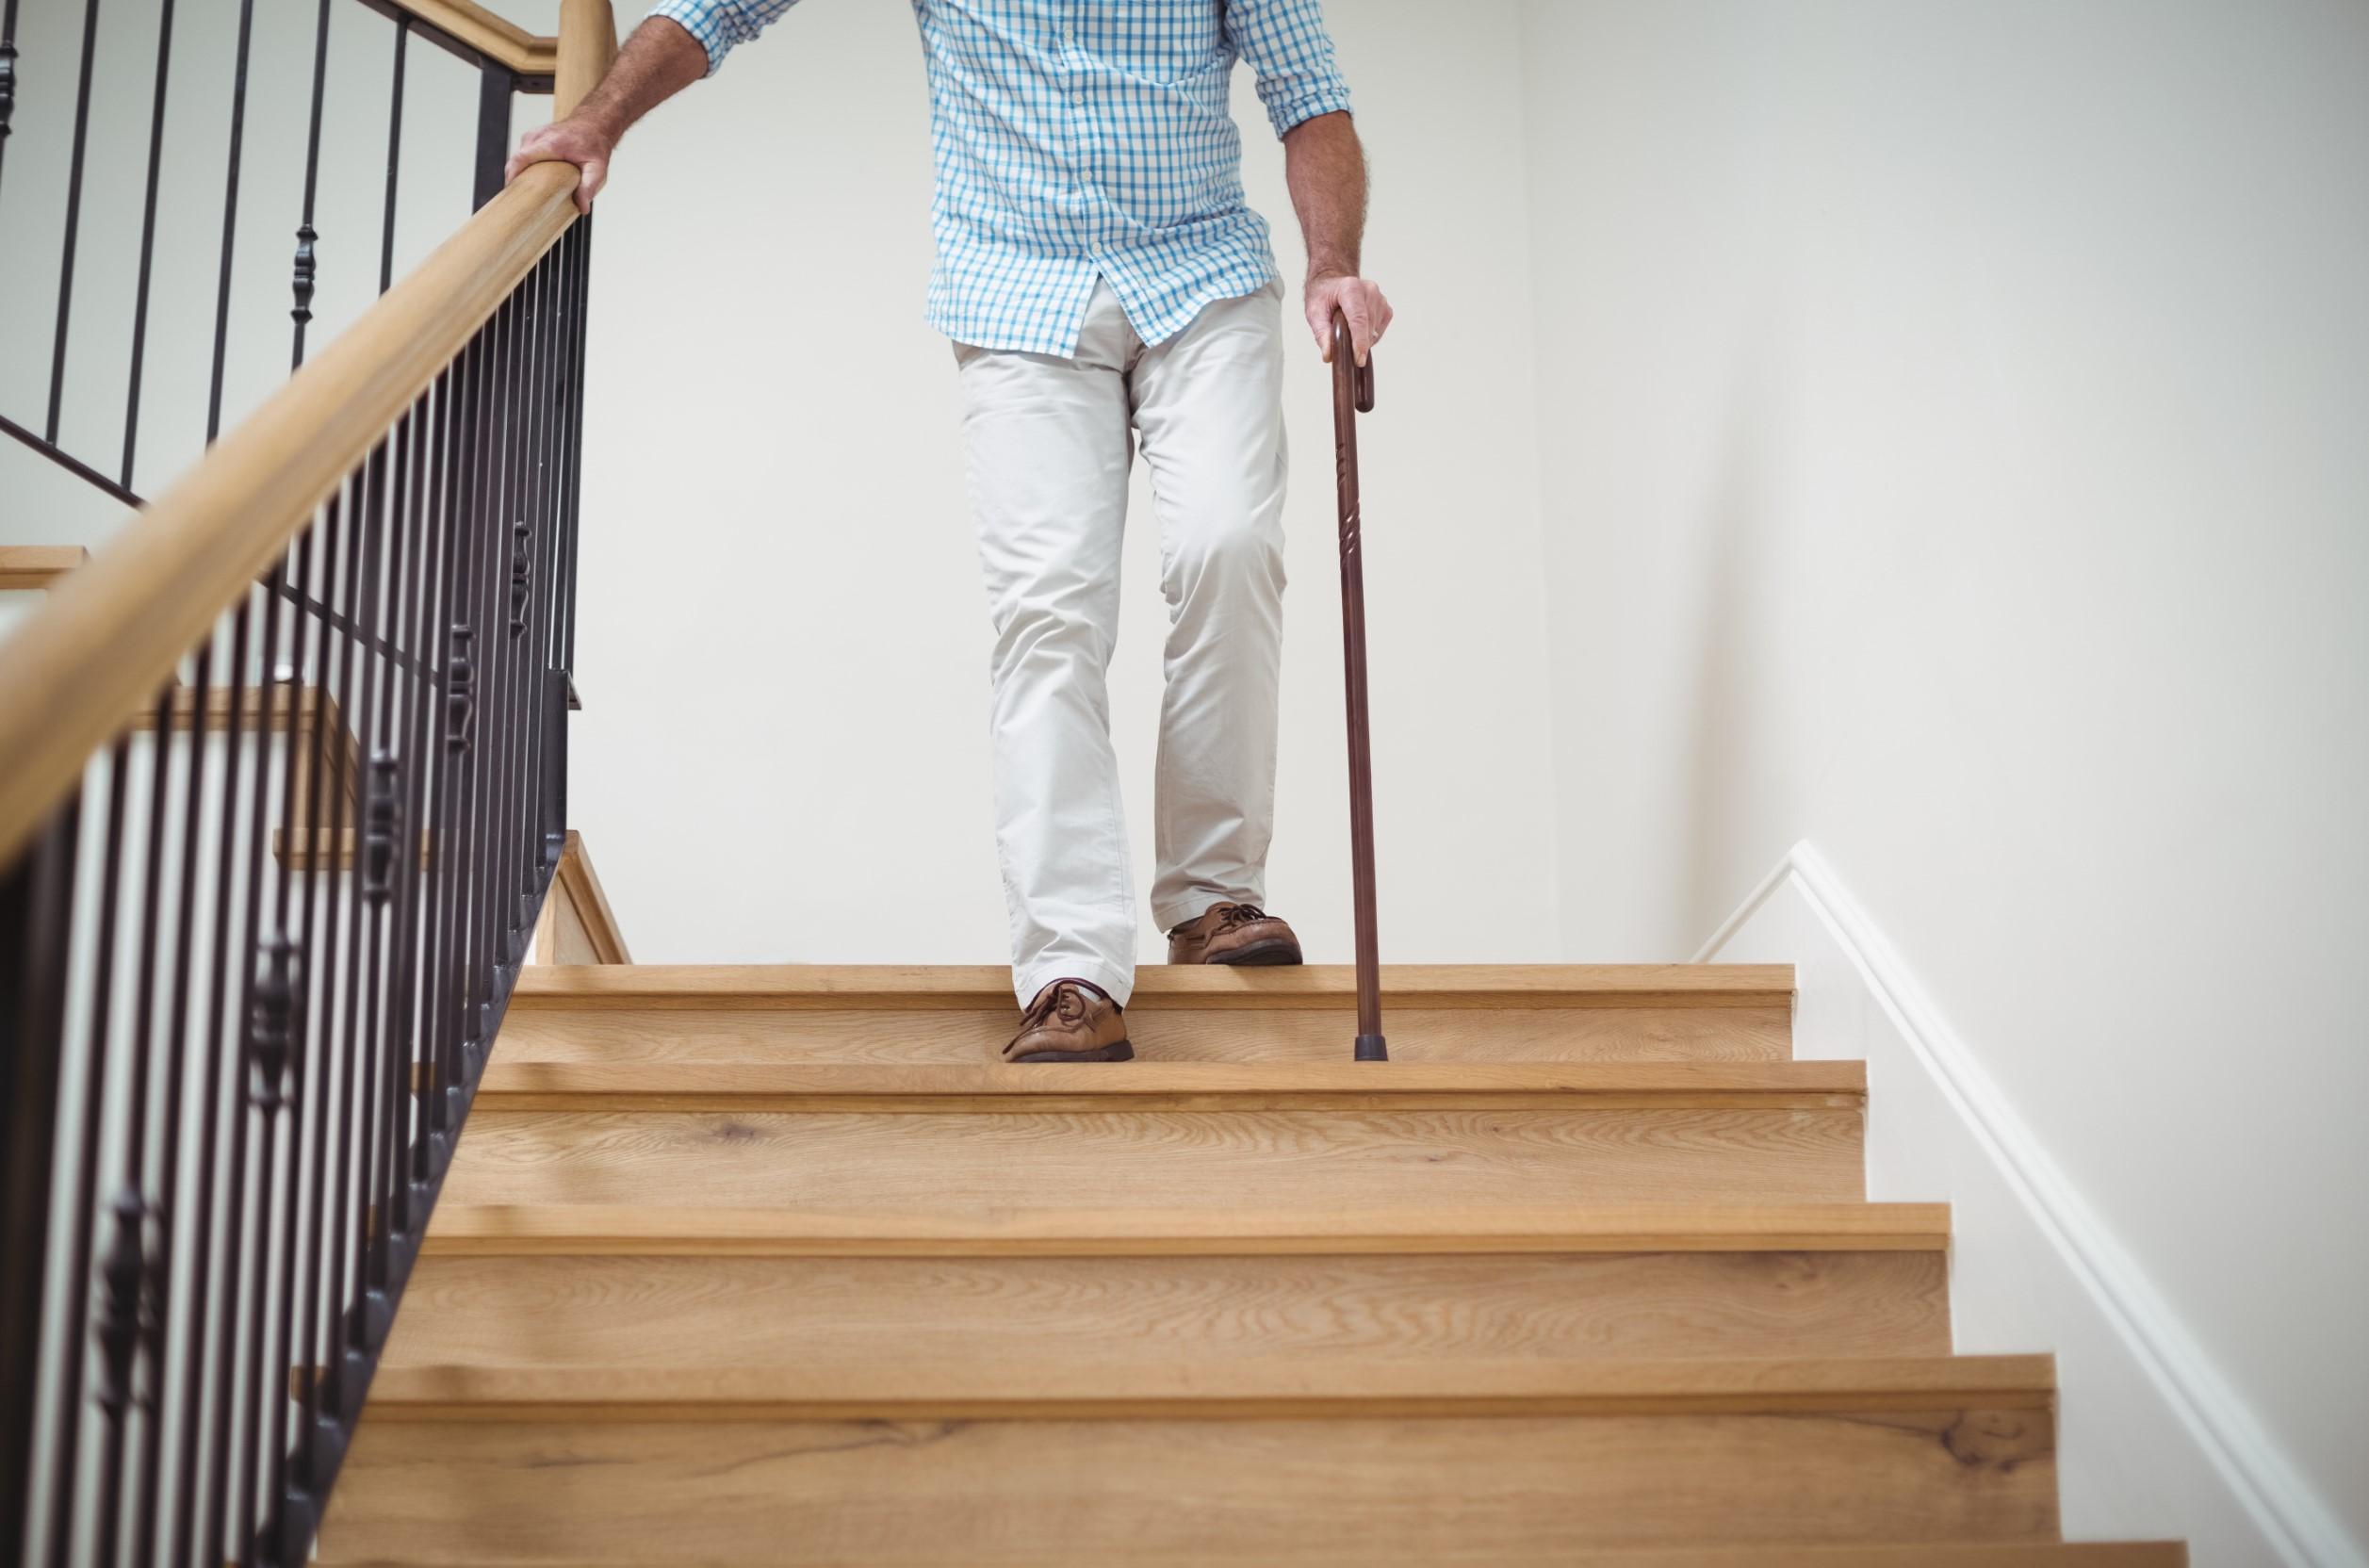 casa segura para idosos Como adaptar sua casa para evitar acidentes e torná-la mais confortável e segura para familiares idosos